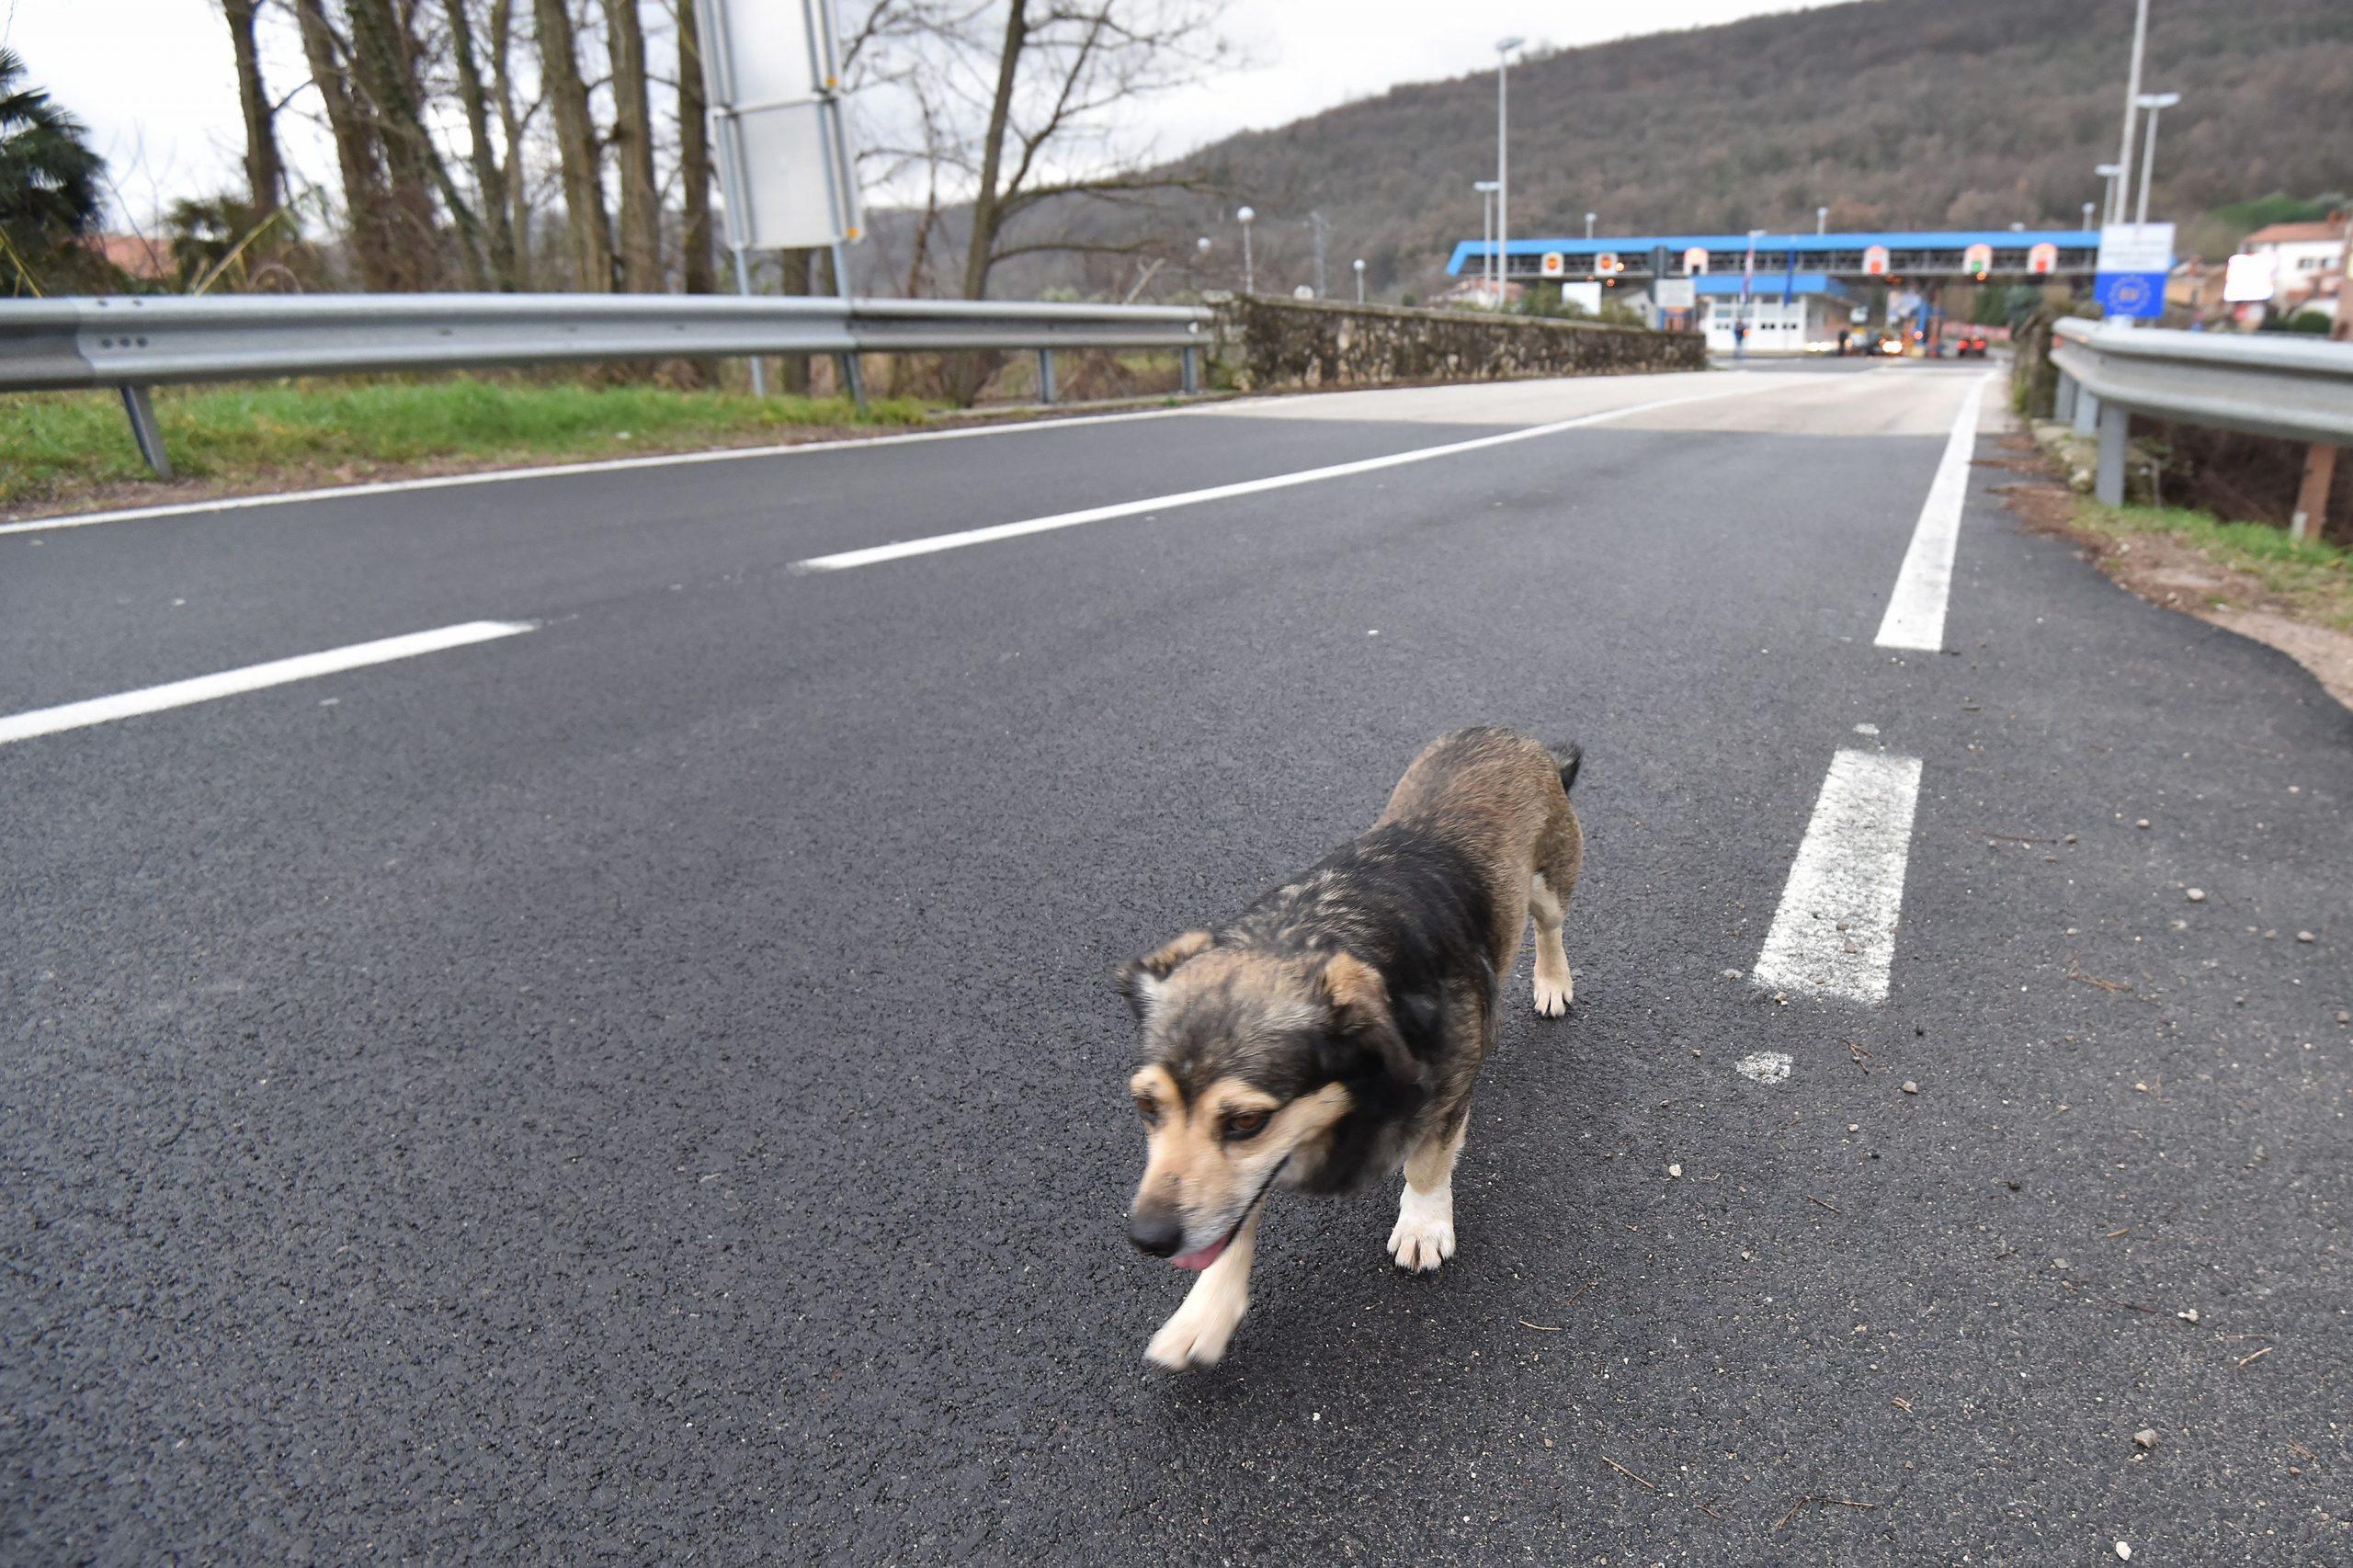 Foto Duško Marušić PIXSELL